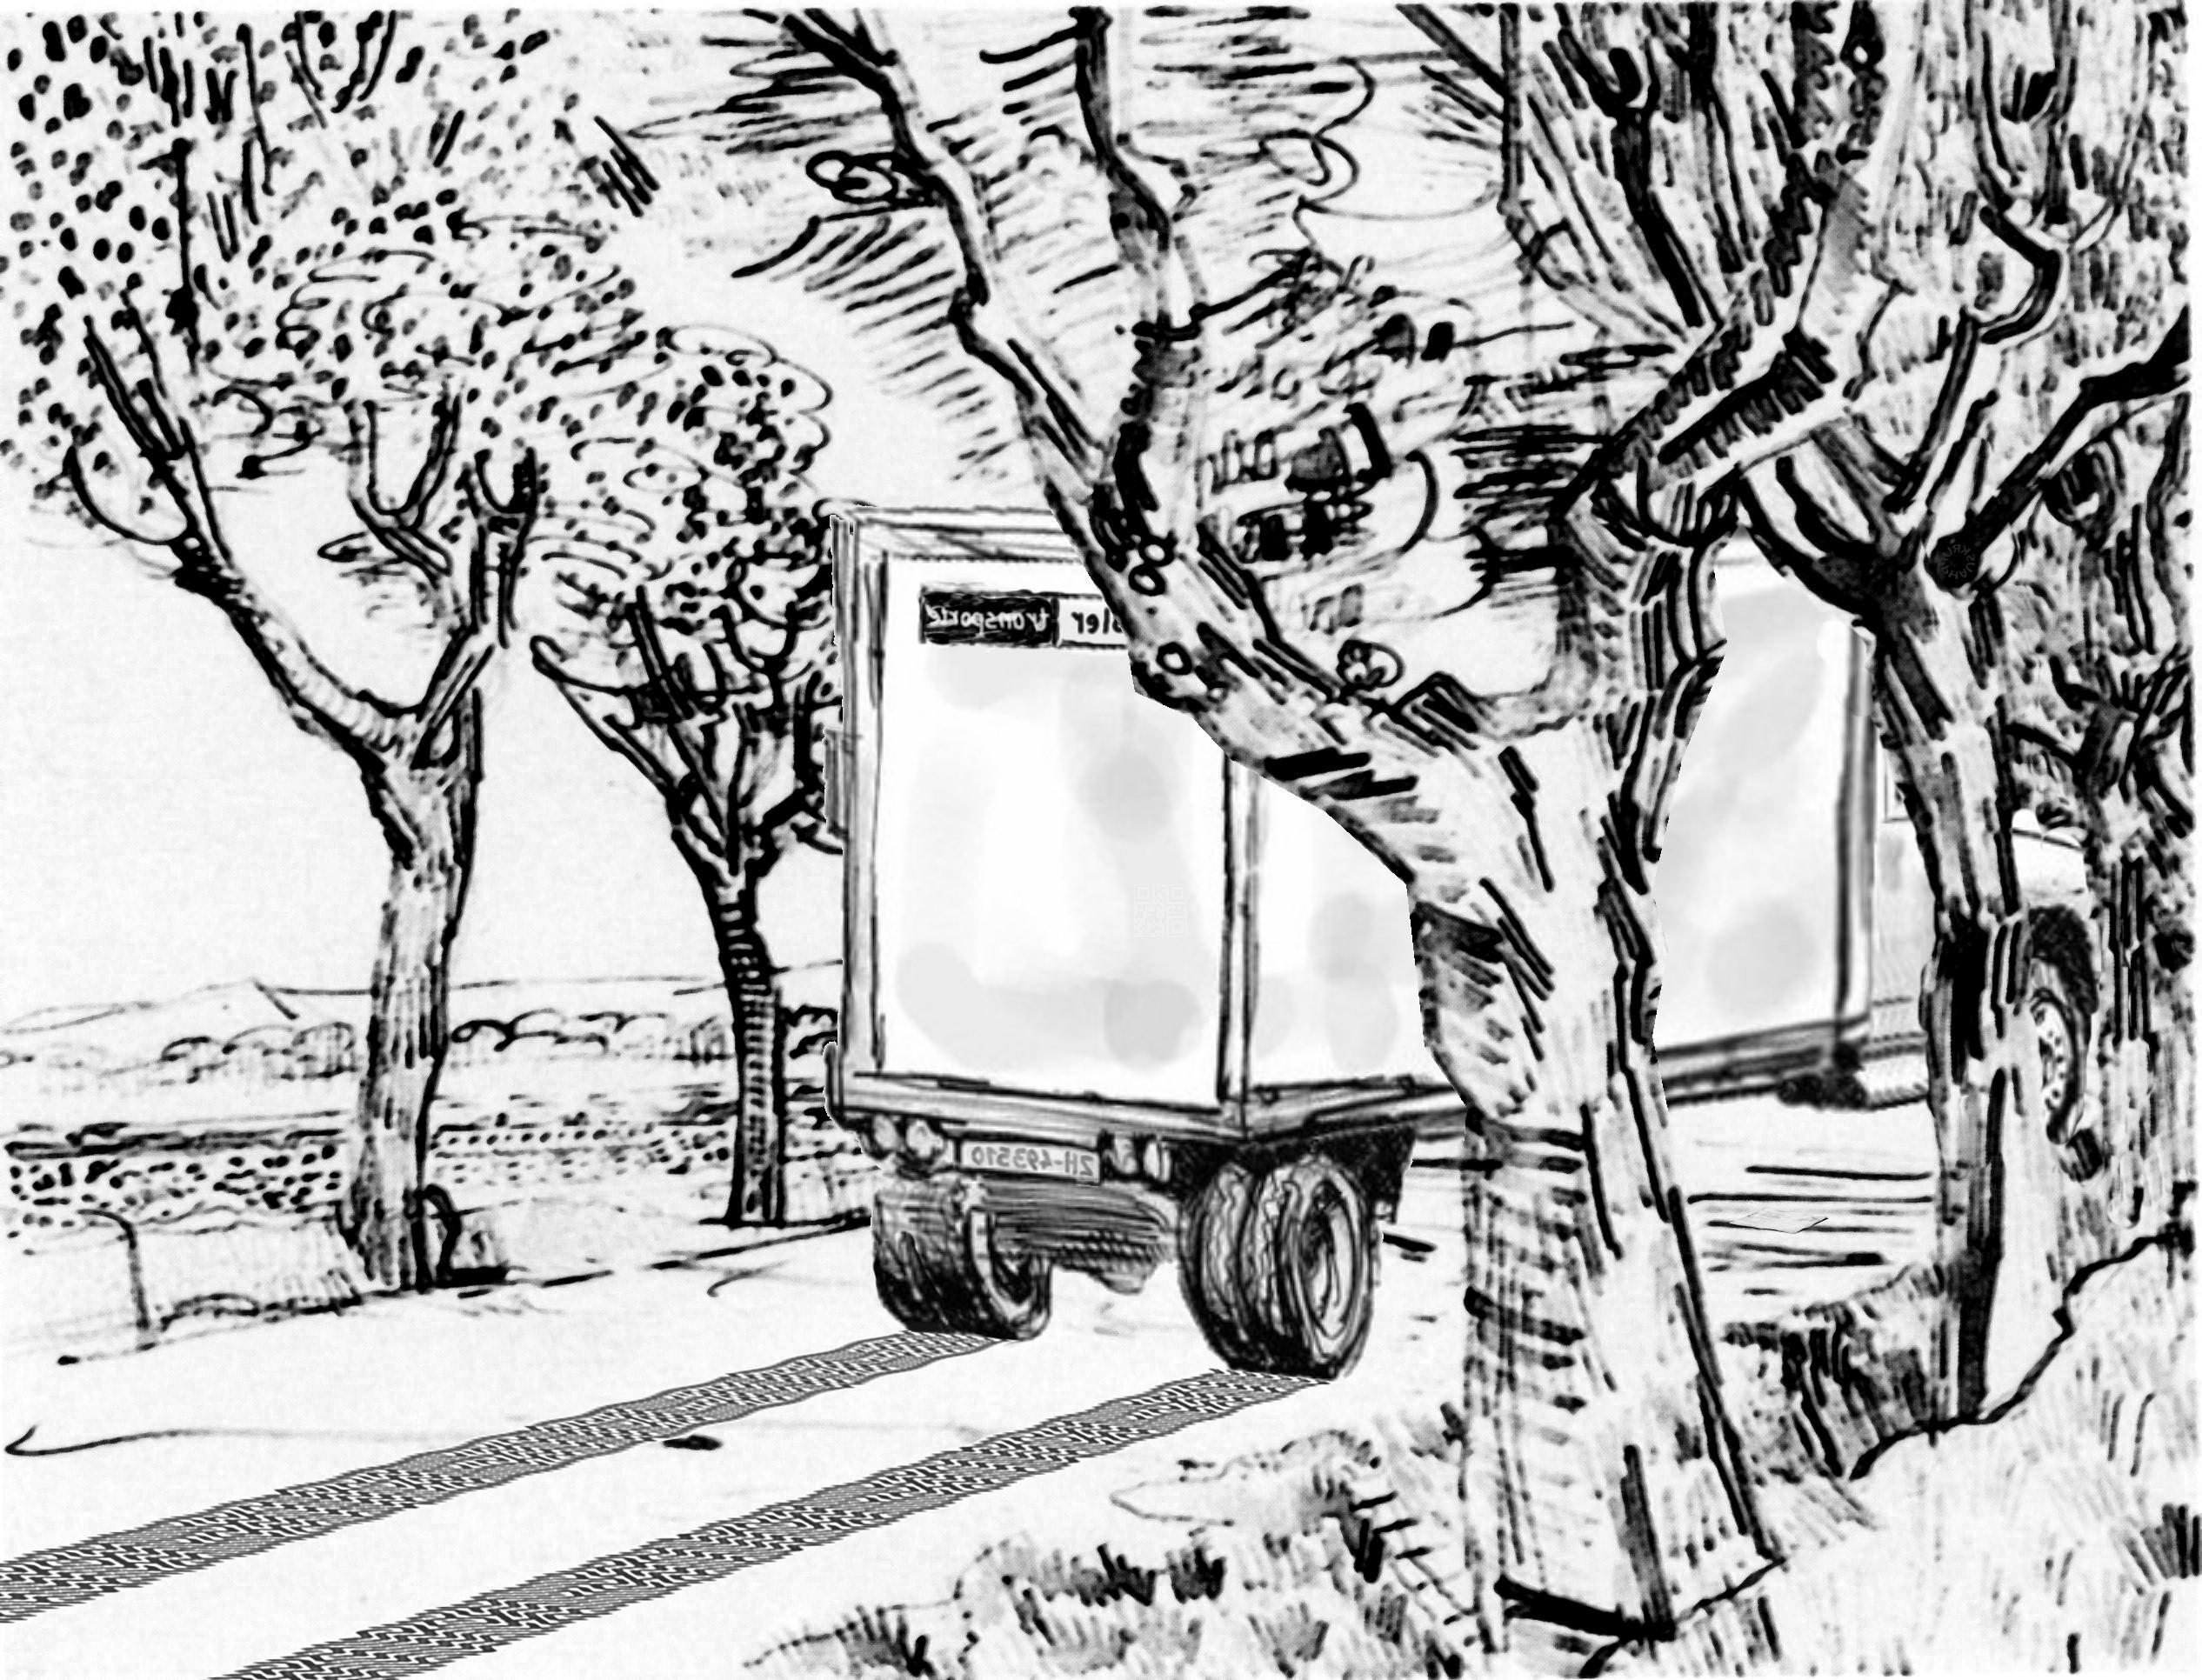 Skizze: Der Transporter auf dem Feldweg